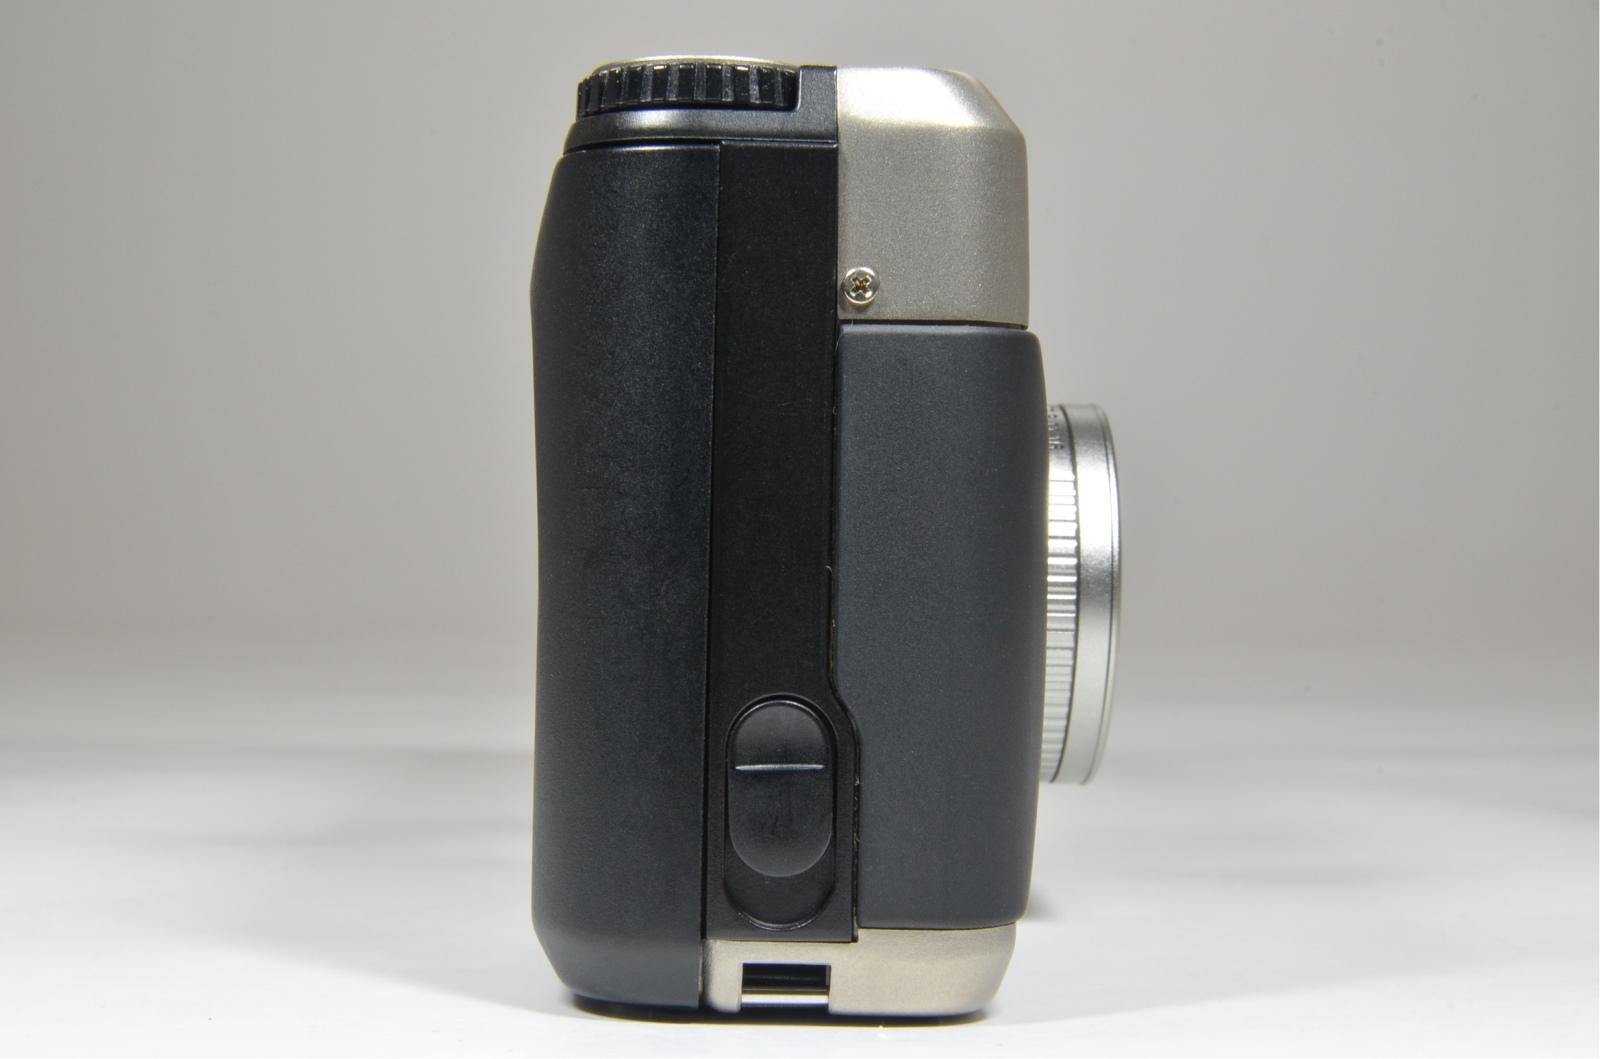 contax t2 titanium silver p&s 35mm film camera in boxed